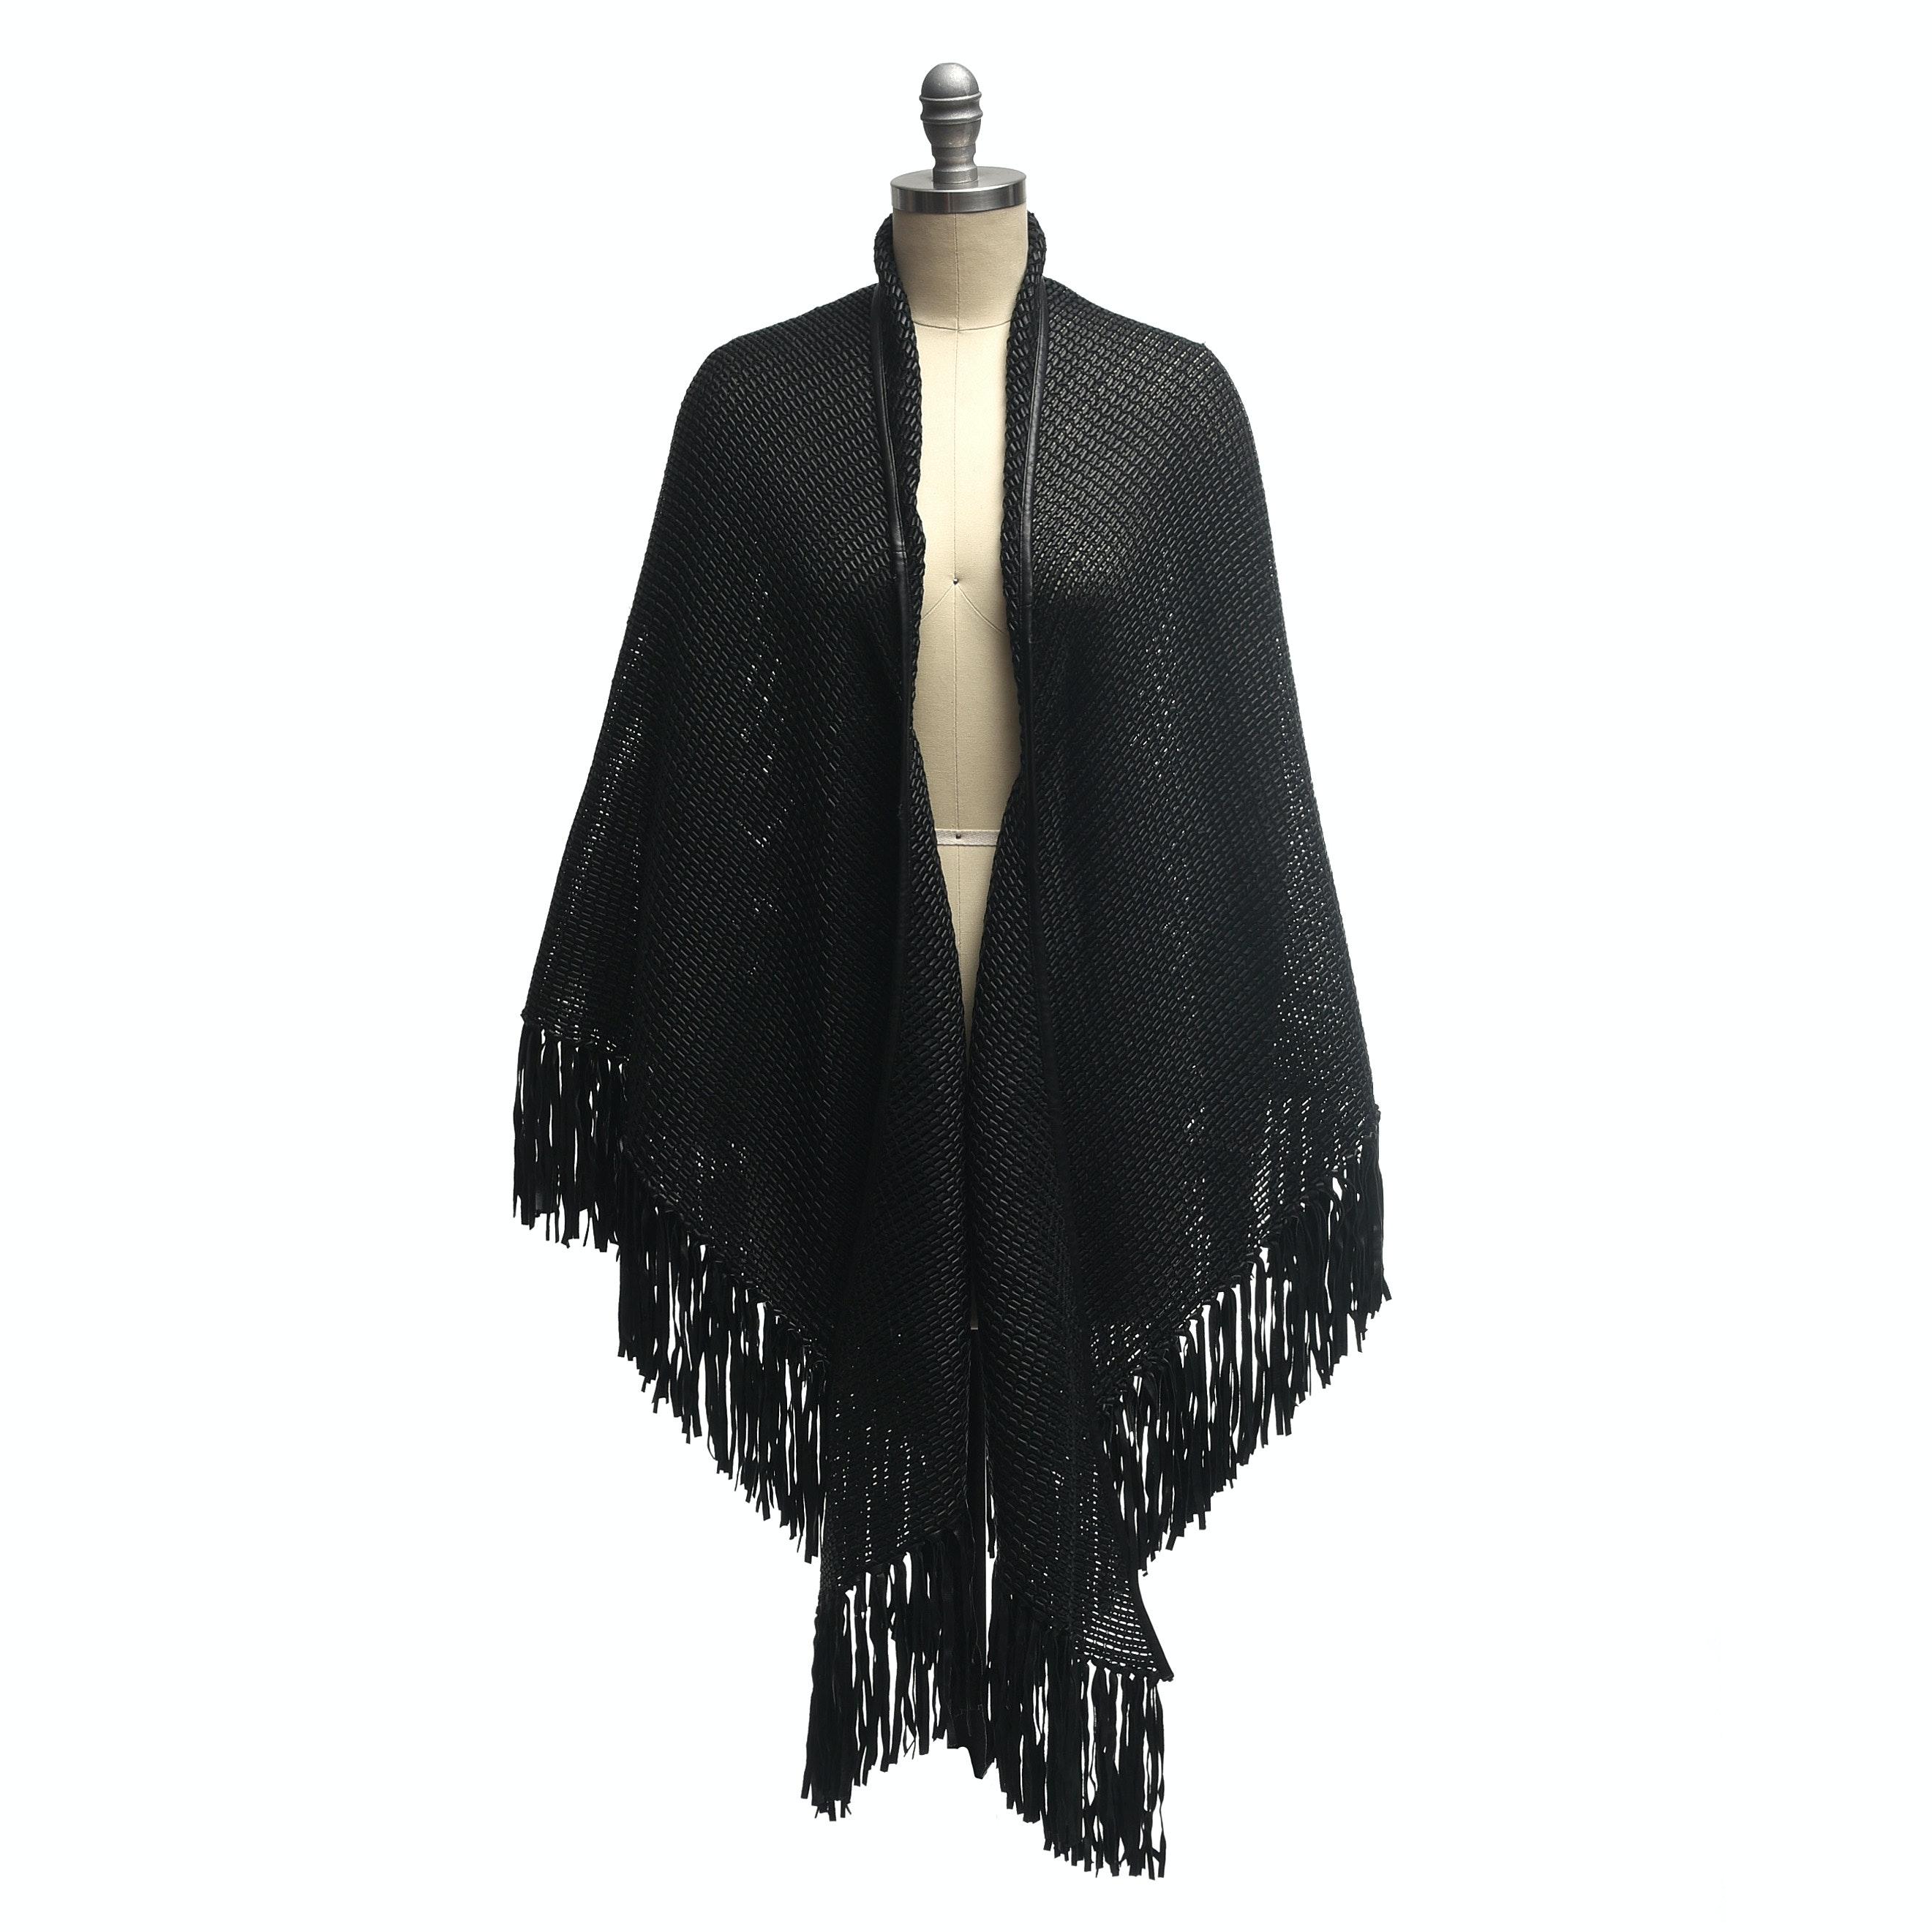 Woven Black Leather Fringed Shawl